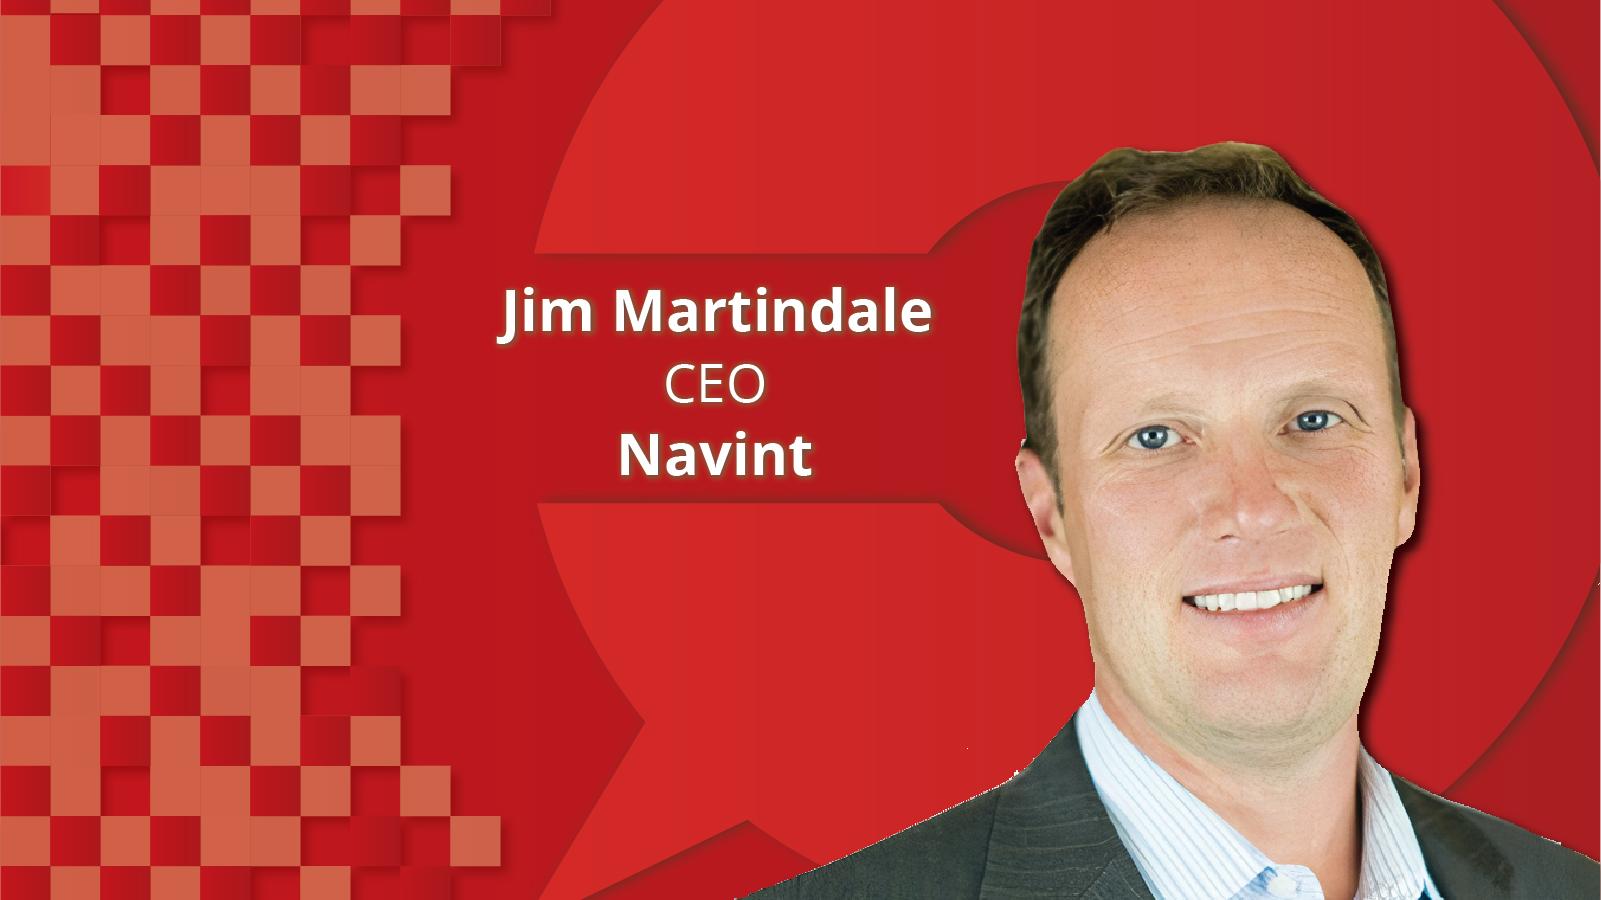 Jim Martindale